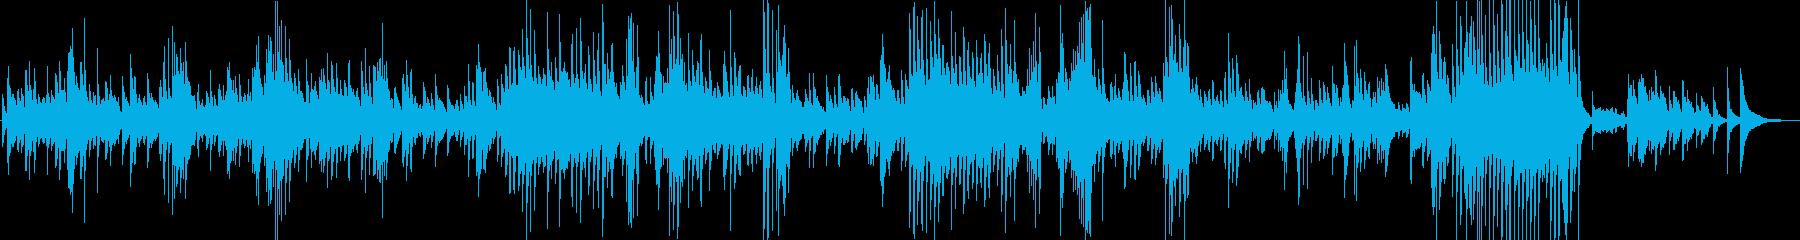 琴で美しく奏でる、ショパン:ノクターンの再生済みの波形